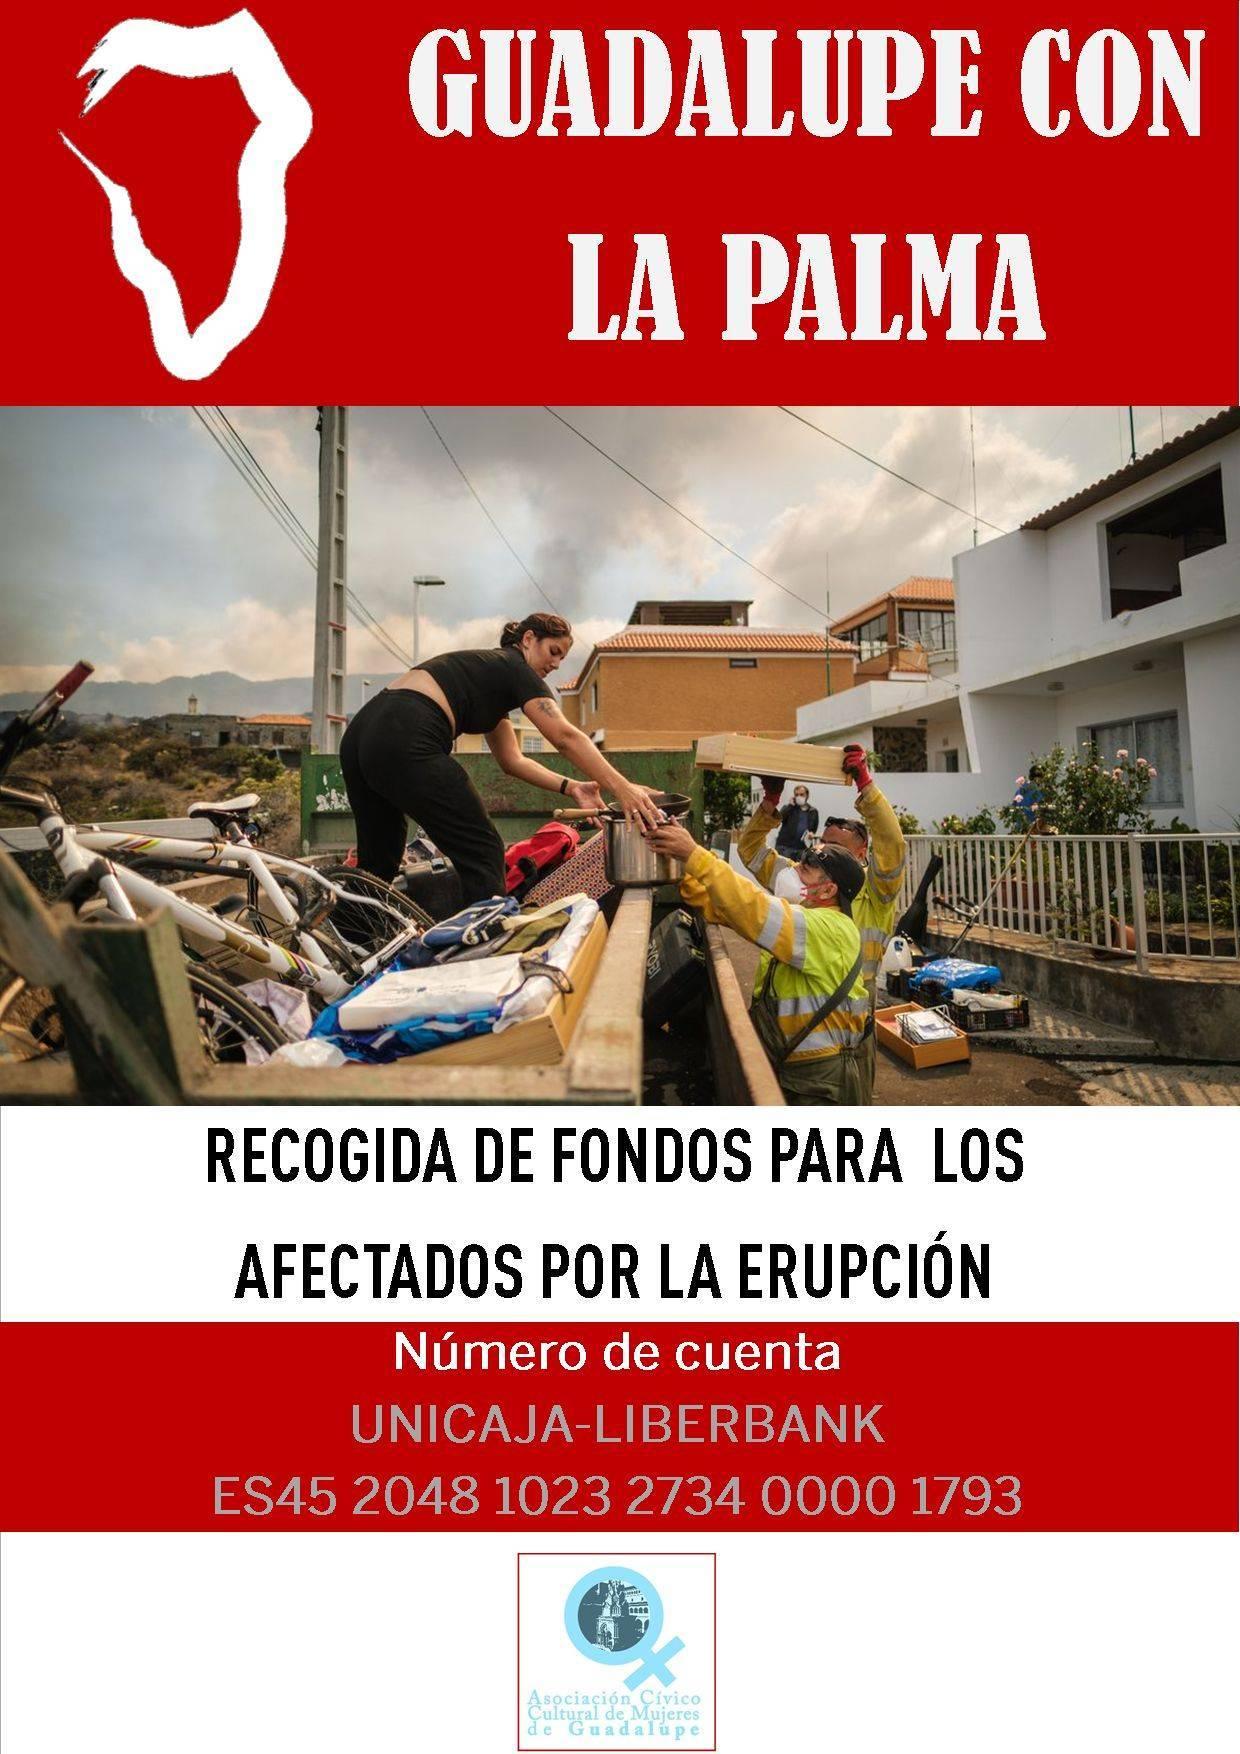 Recogida de fondos para los afectados por la erupción del volcán (2021) - Guadalupe (Cáceres)